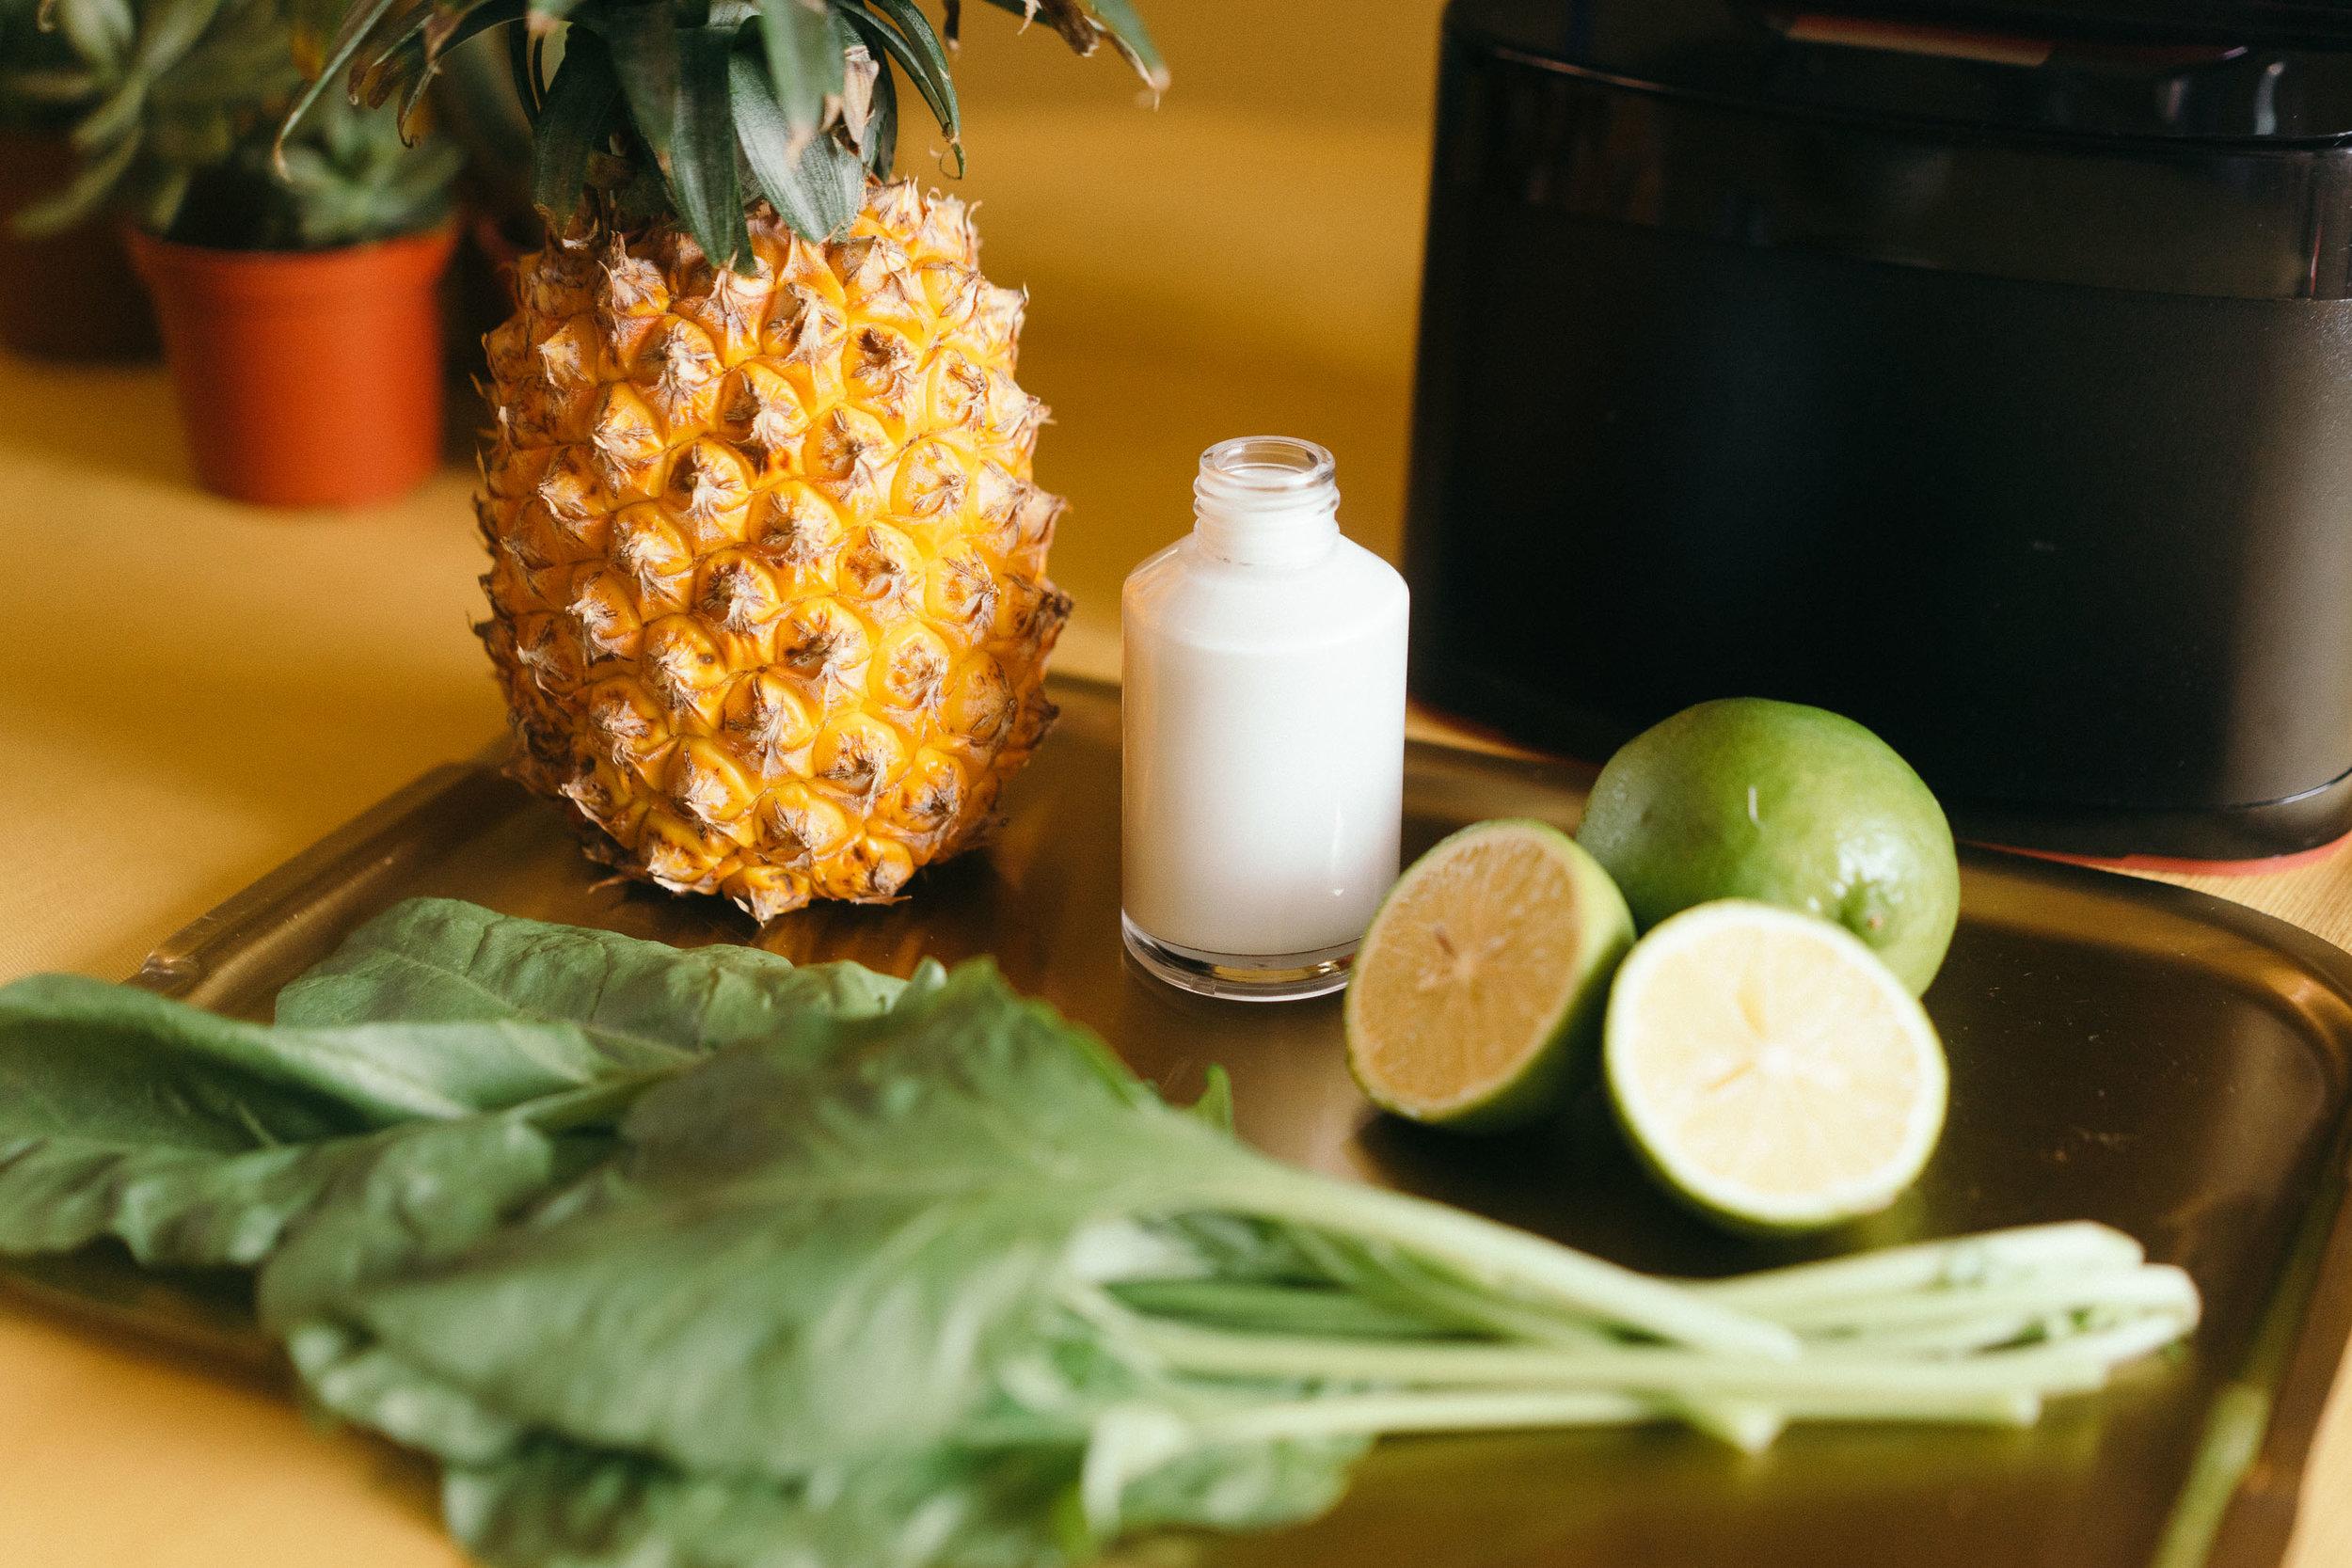 *果昔食材:   冷凍鳳梨 500克  菠菜 一把  椰奶 1/4杯  去皮萊姆 一顆  蜂蜜 45ml  冰塊 100克